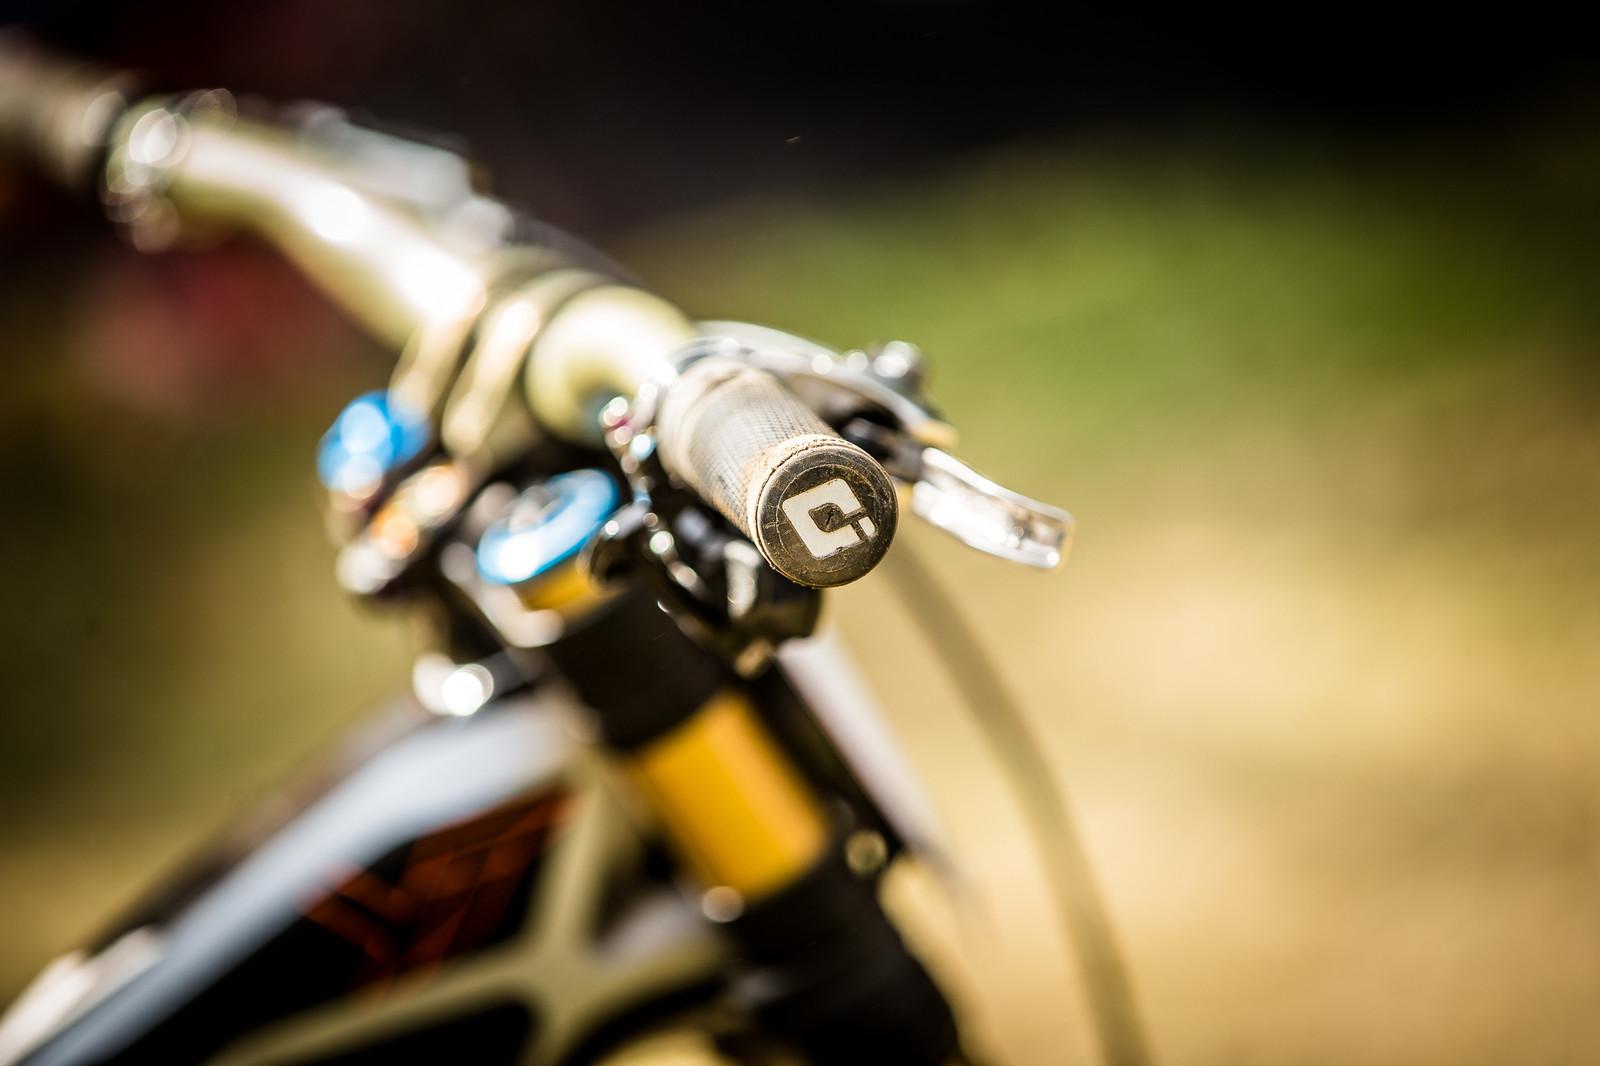 Aaron Gwin's ODI Grips - WINNING BIKE: Aaron Gwin's YT TUES - Mountain Biking Pictures - Vital MTB